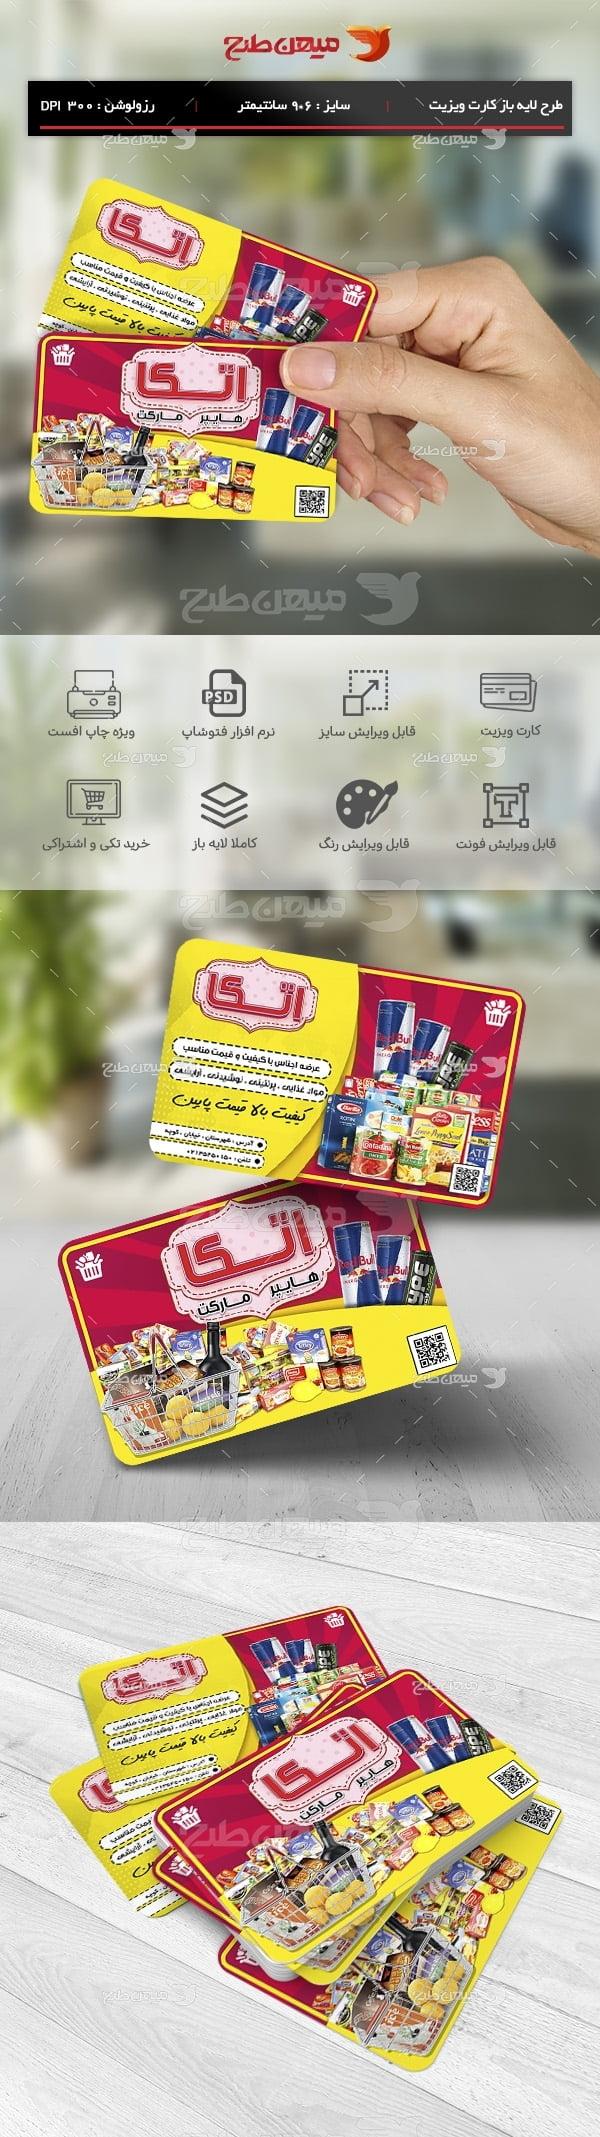 طرح لایه باز کارت ویزیت تبلیغاتی هایپر مارکت